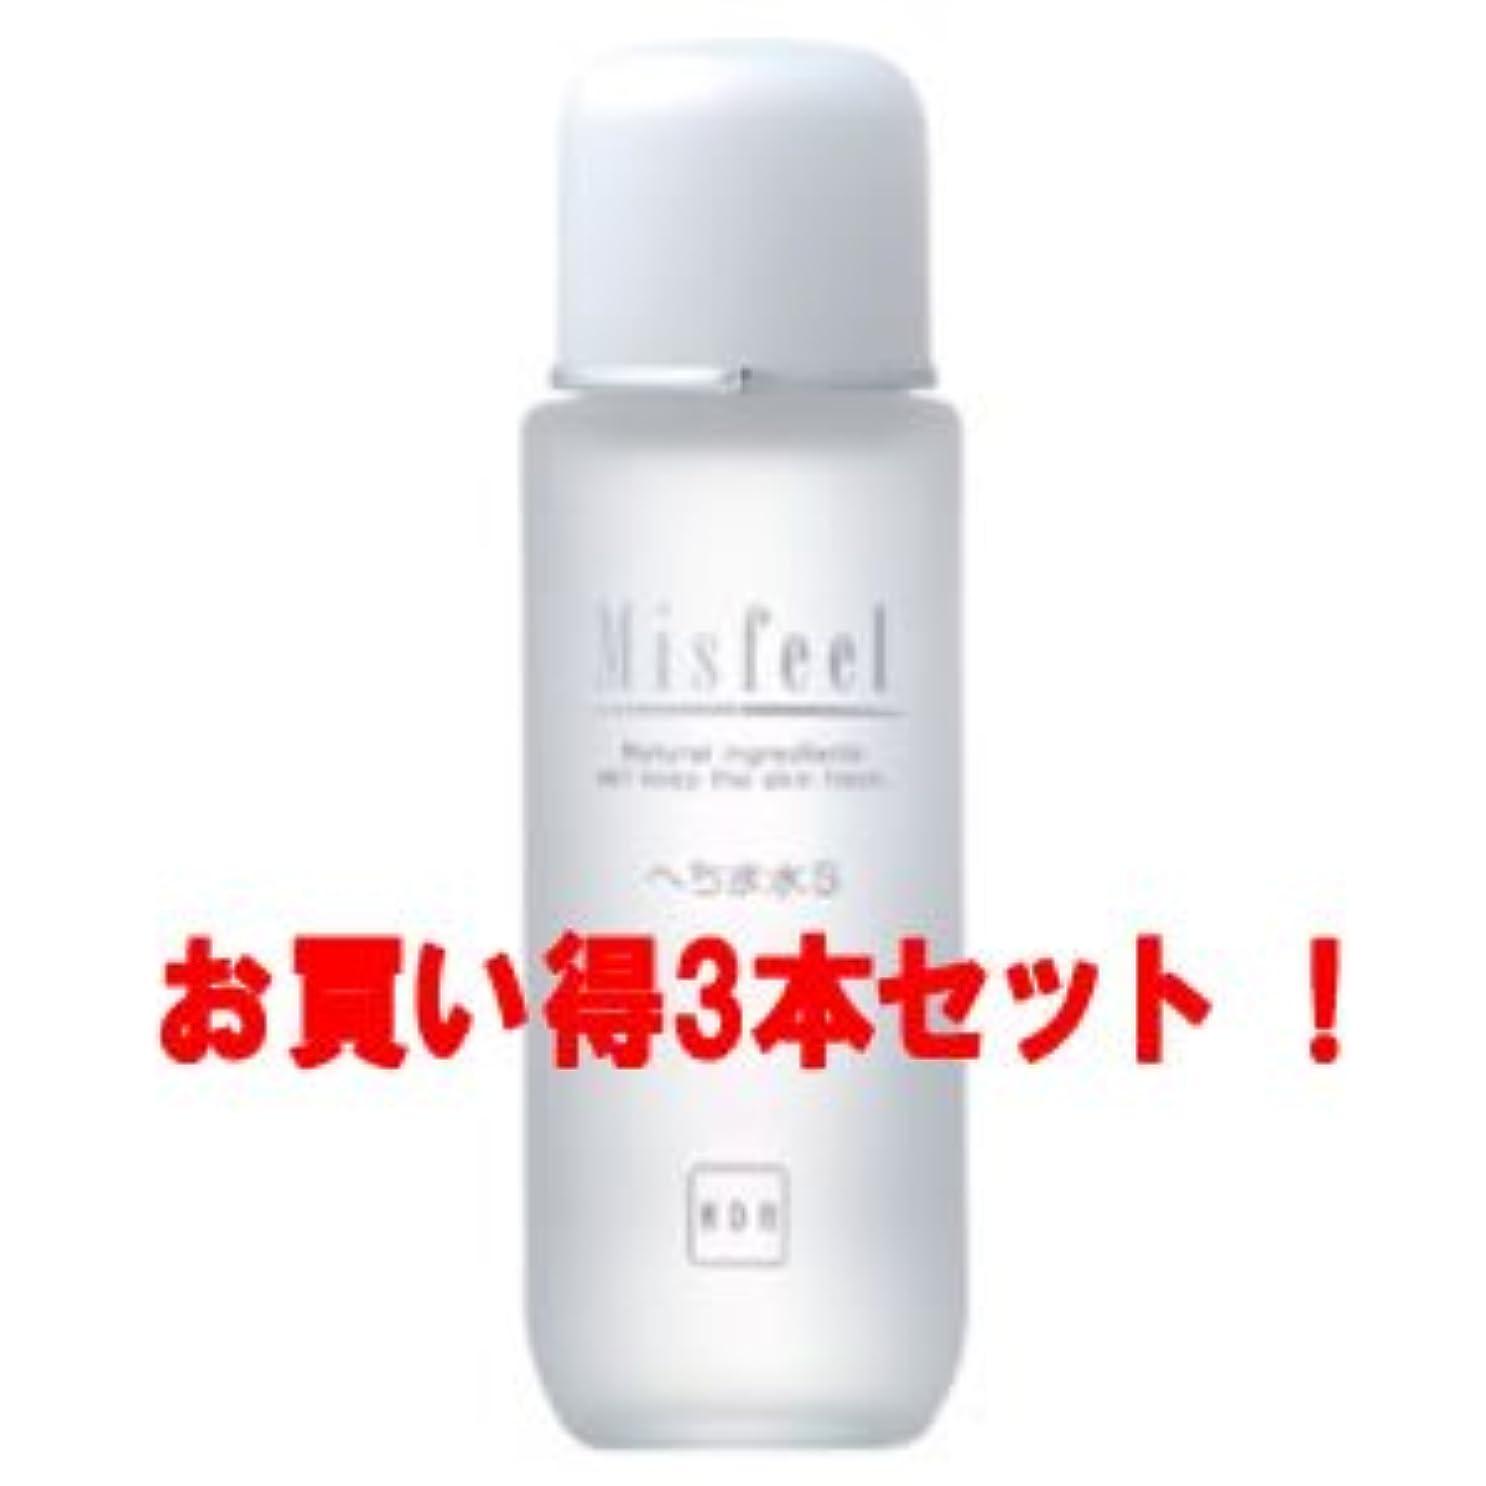 分離する合体ピック(アサバ化粧品)ミズフィール へちま水S120ml(お買い得3本セット)